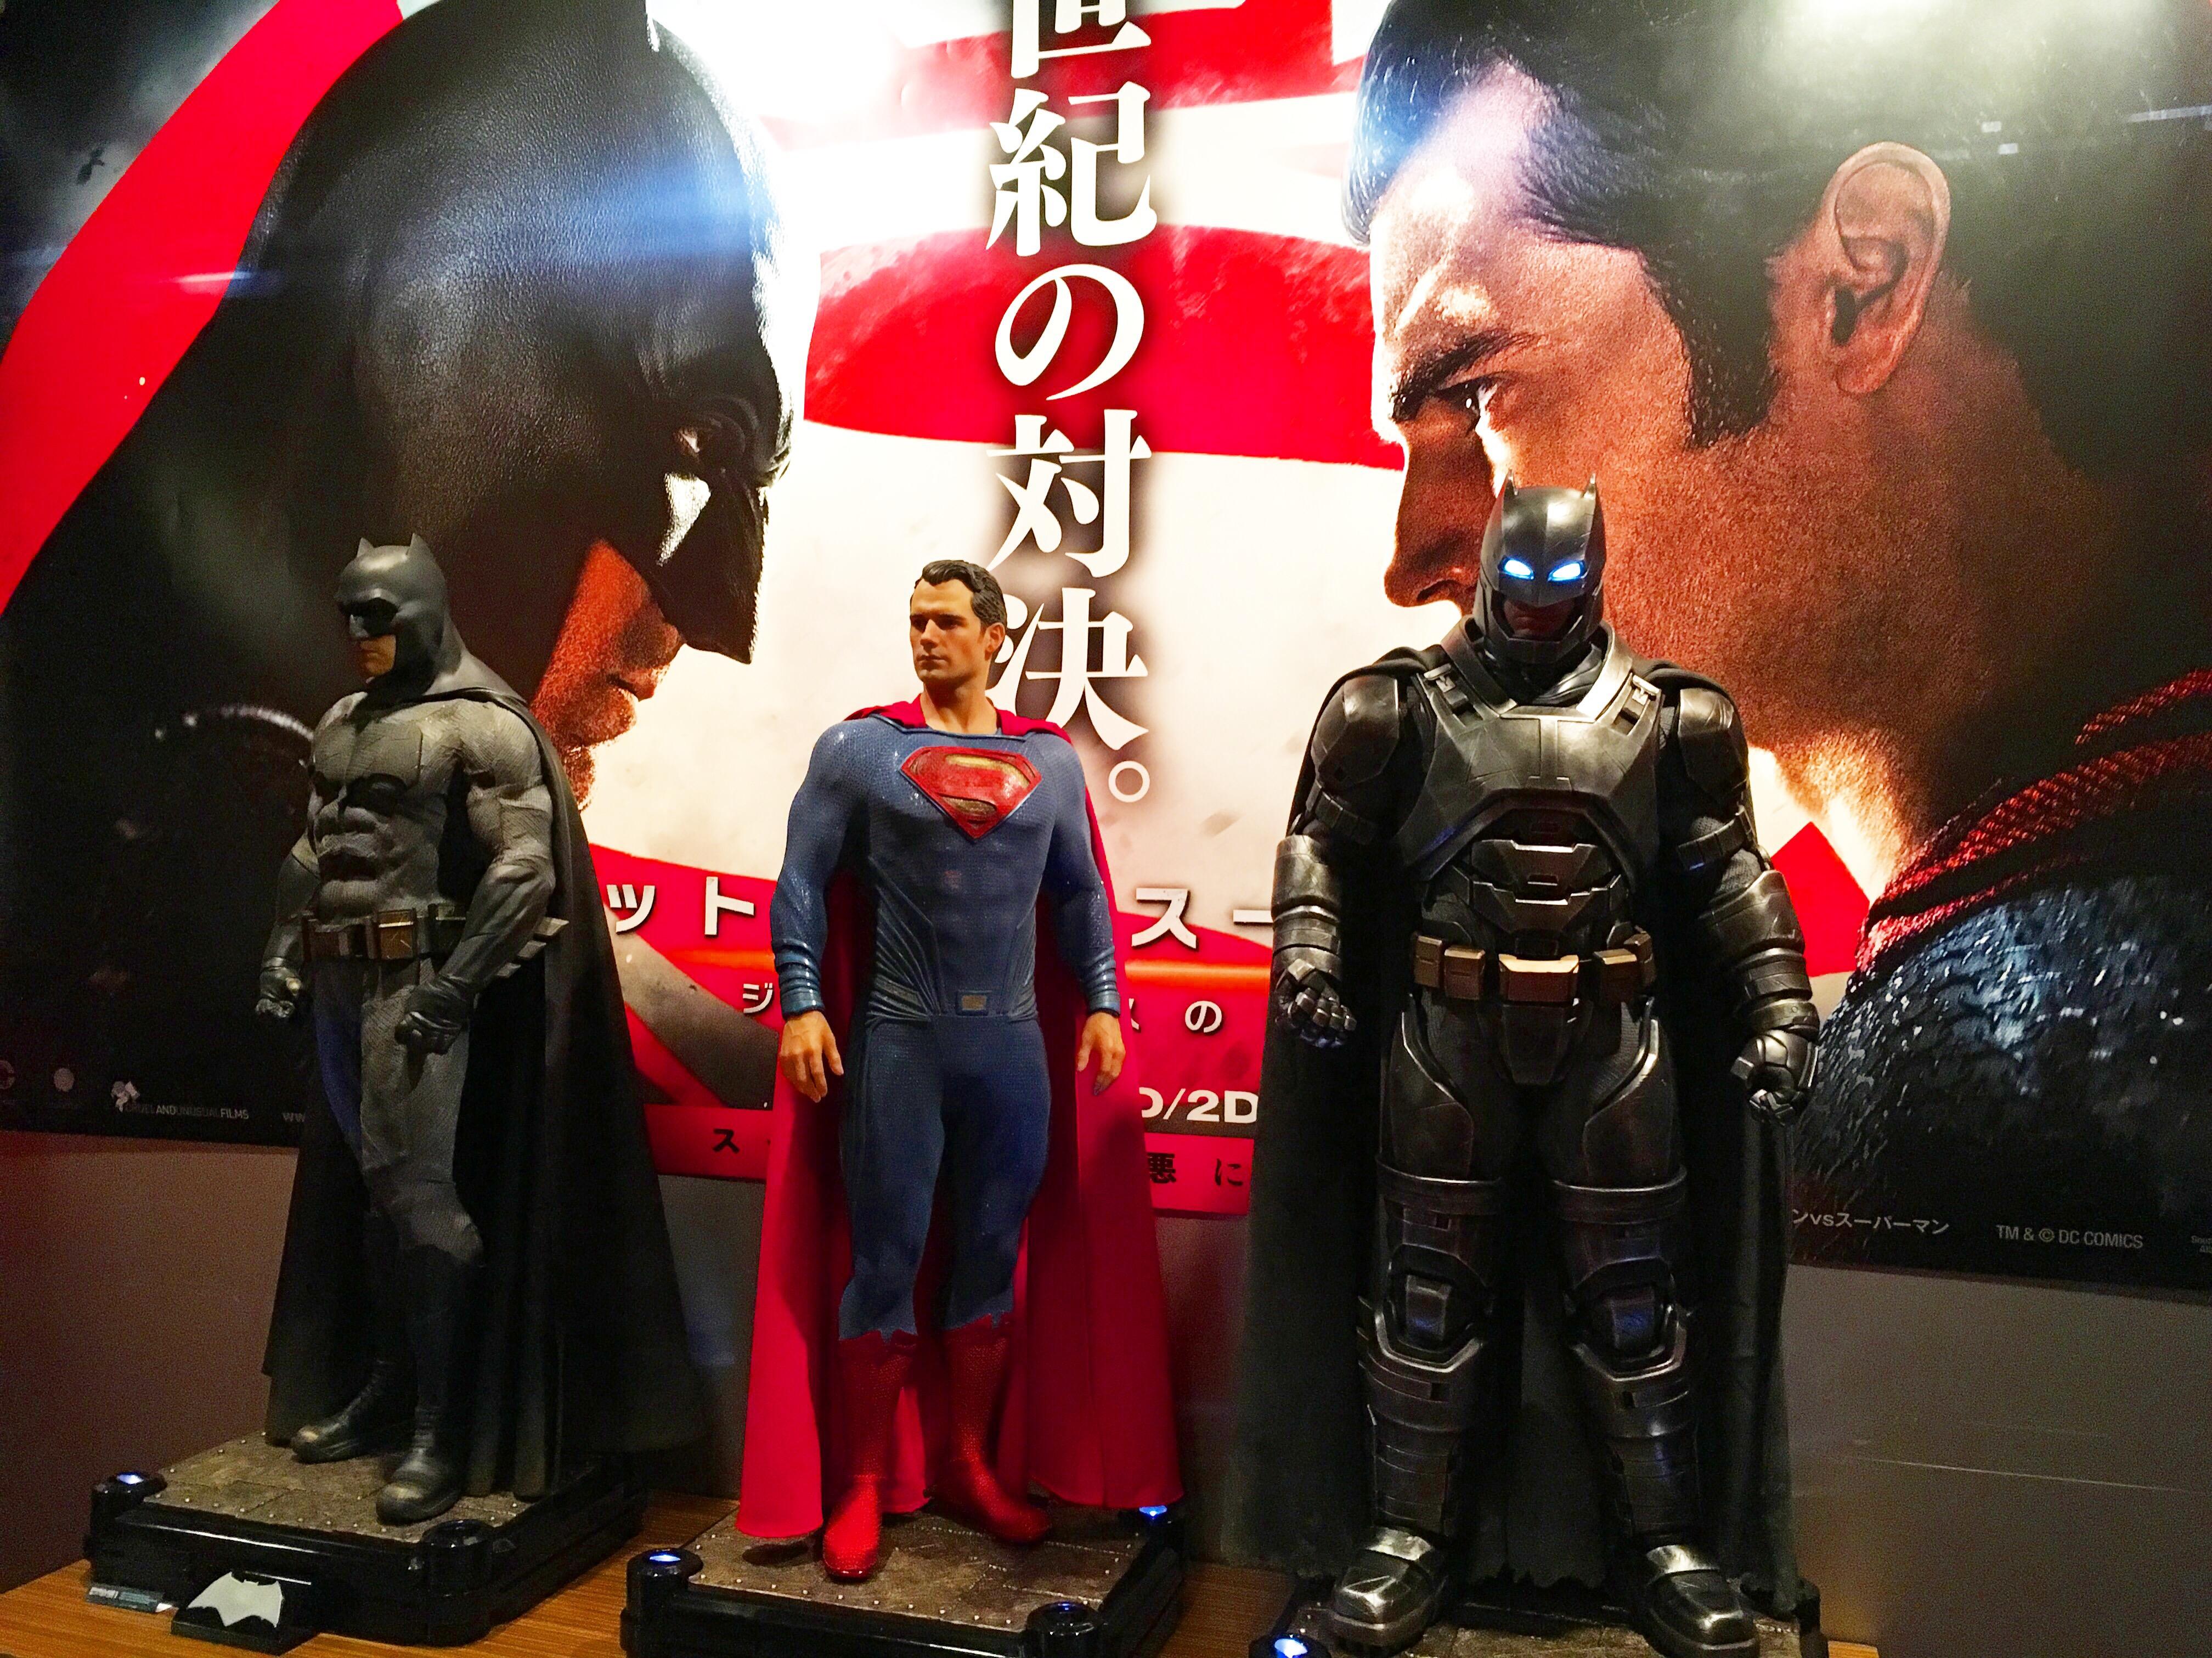 【2016年3月25日公開】バットマンVSスーパーマン ジャスティスの誕生〜レビューではないです〜